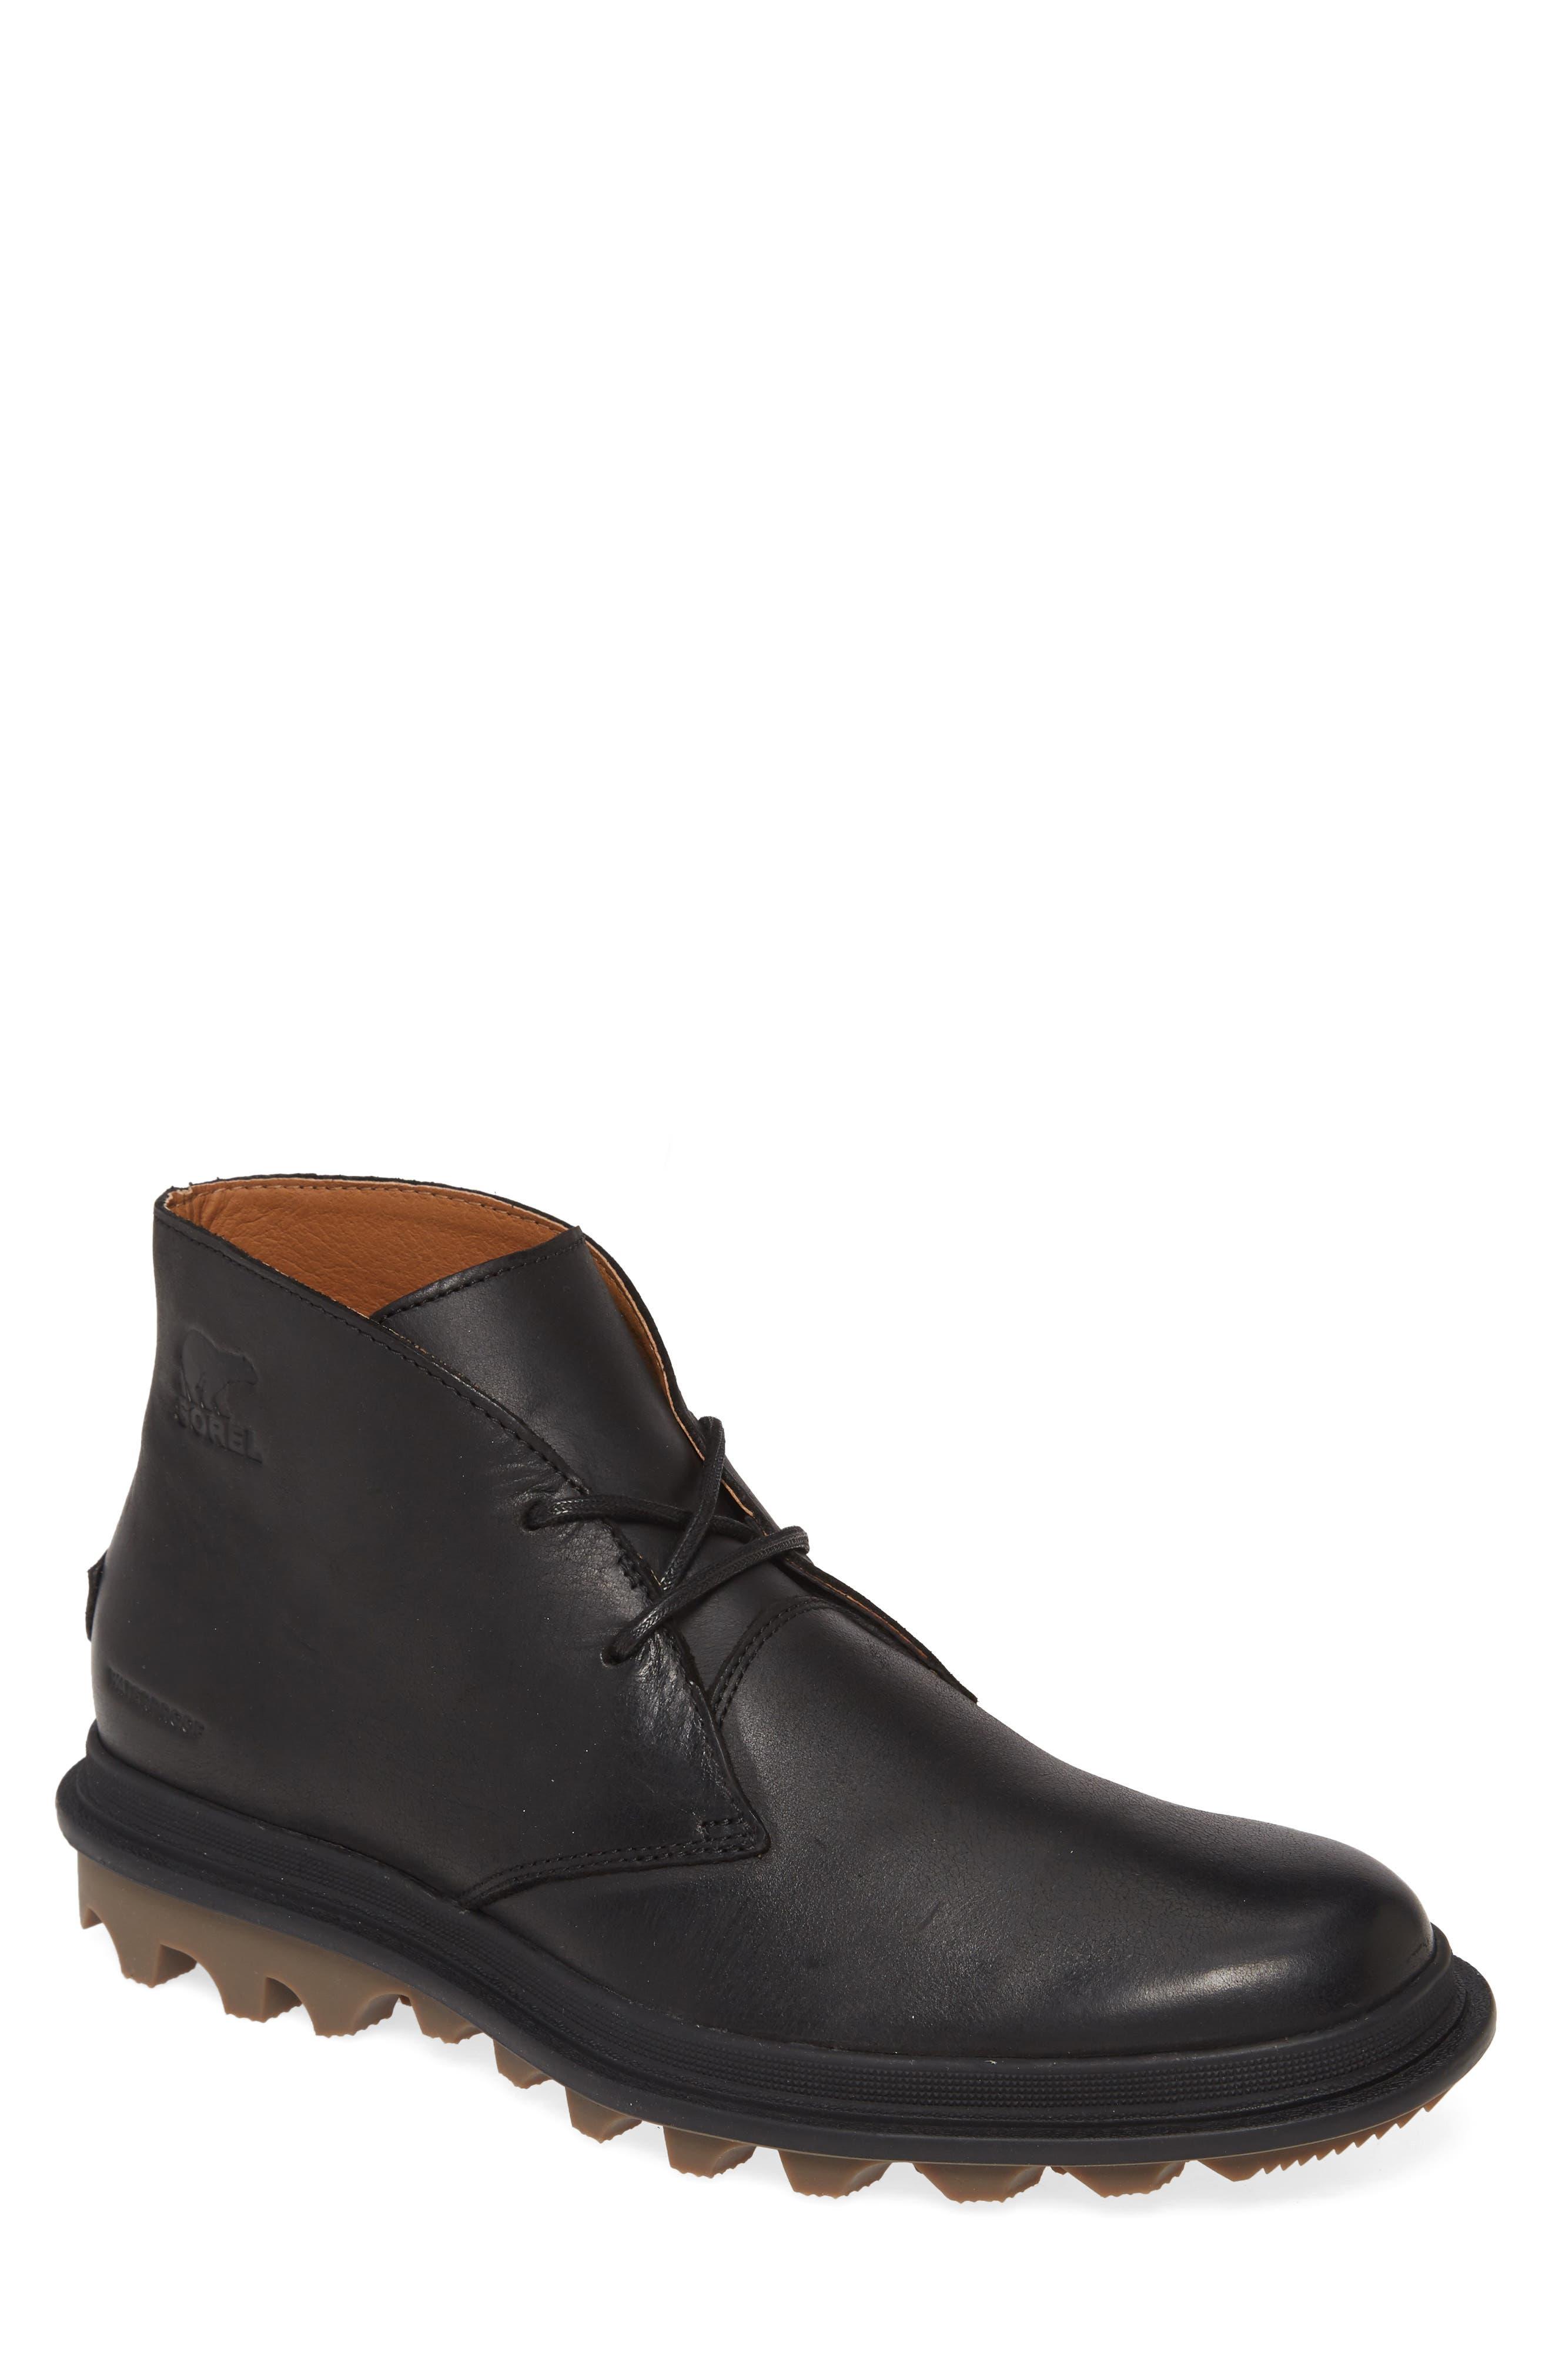 SOREL Ace Waterproof Chukka Boot (Men